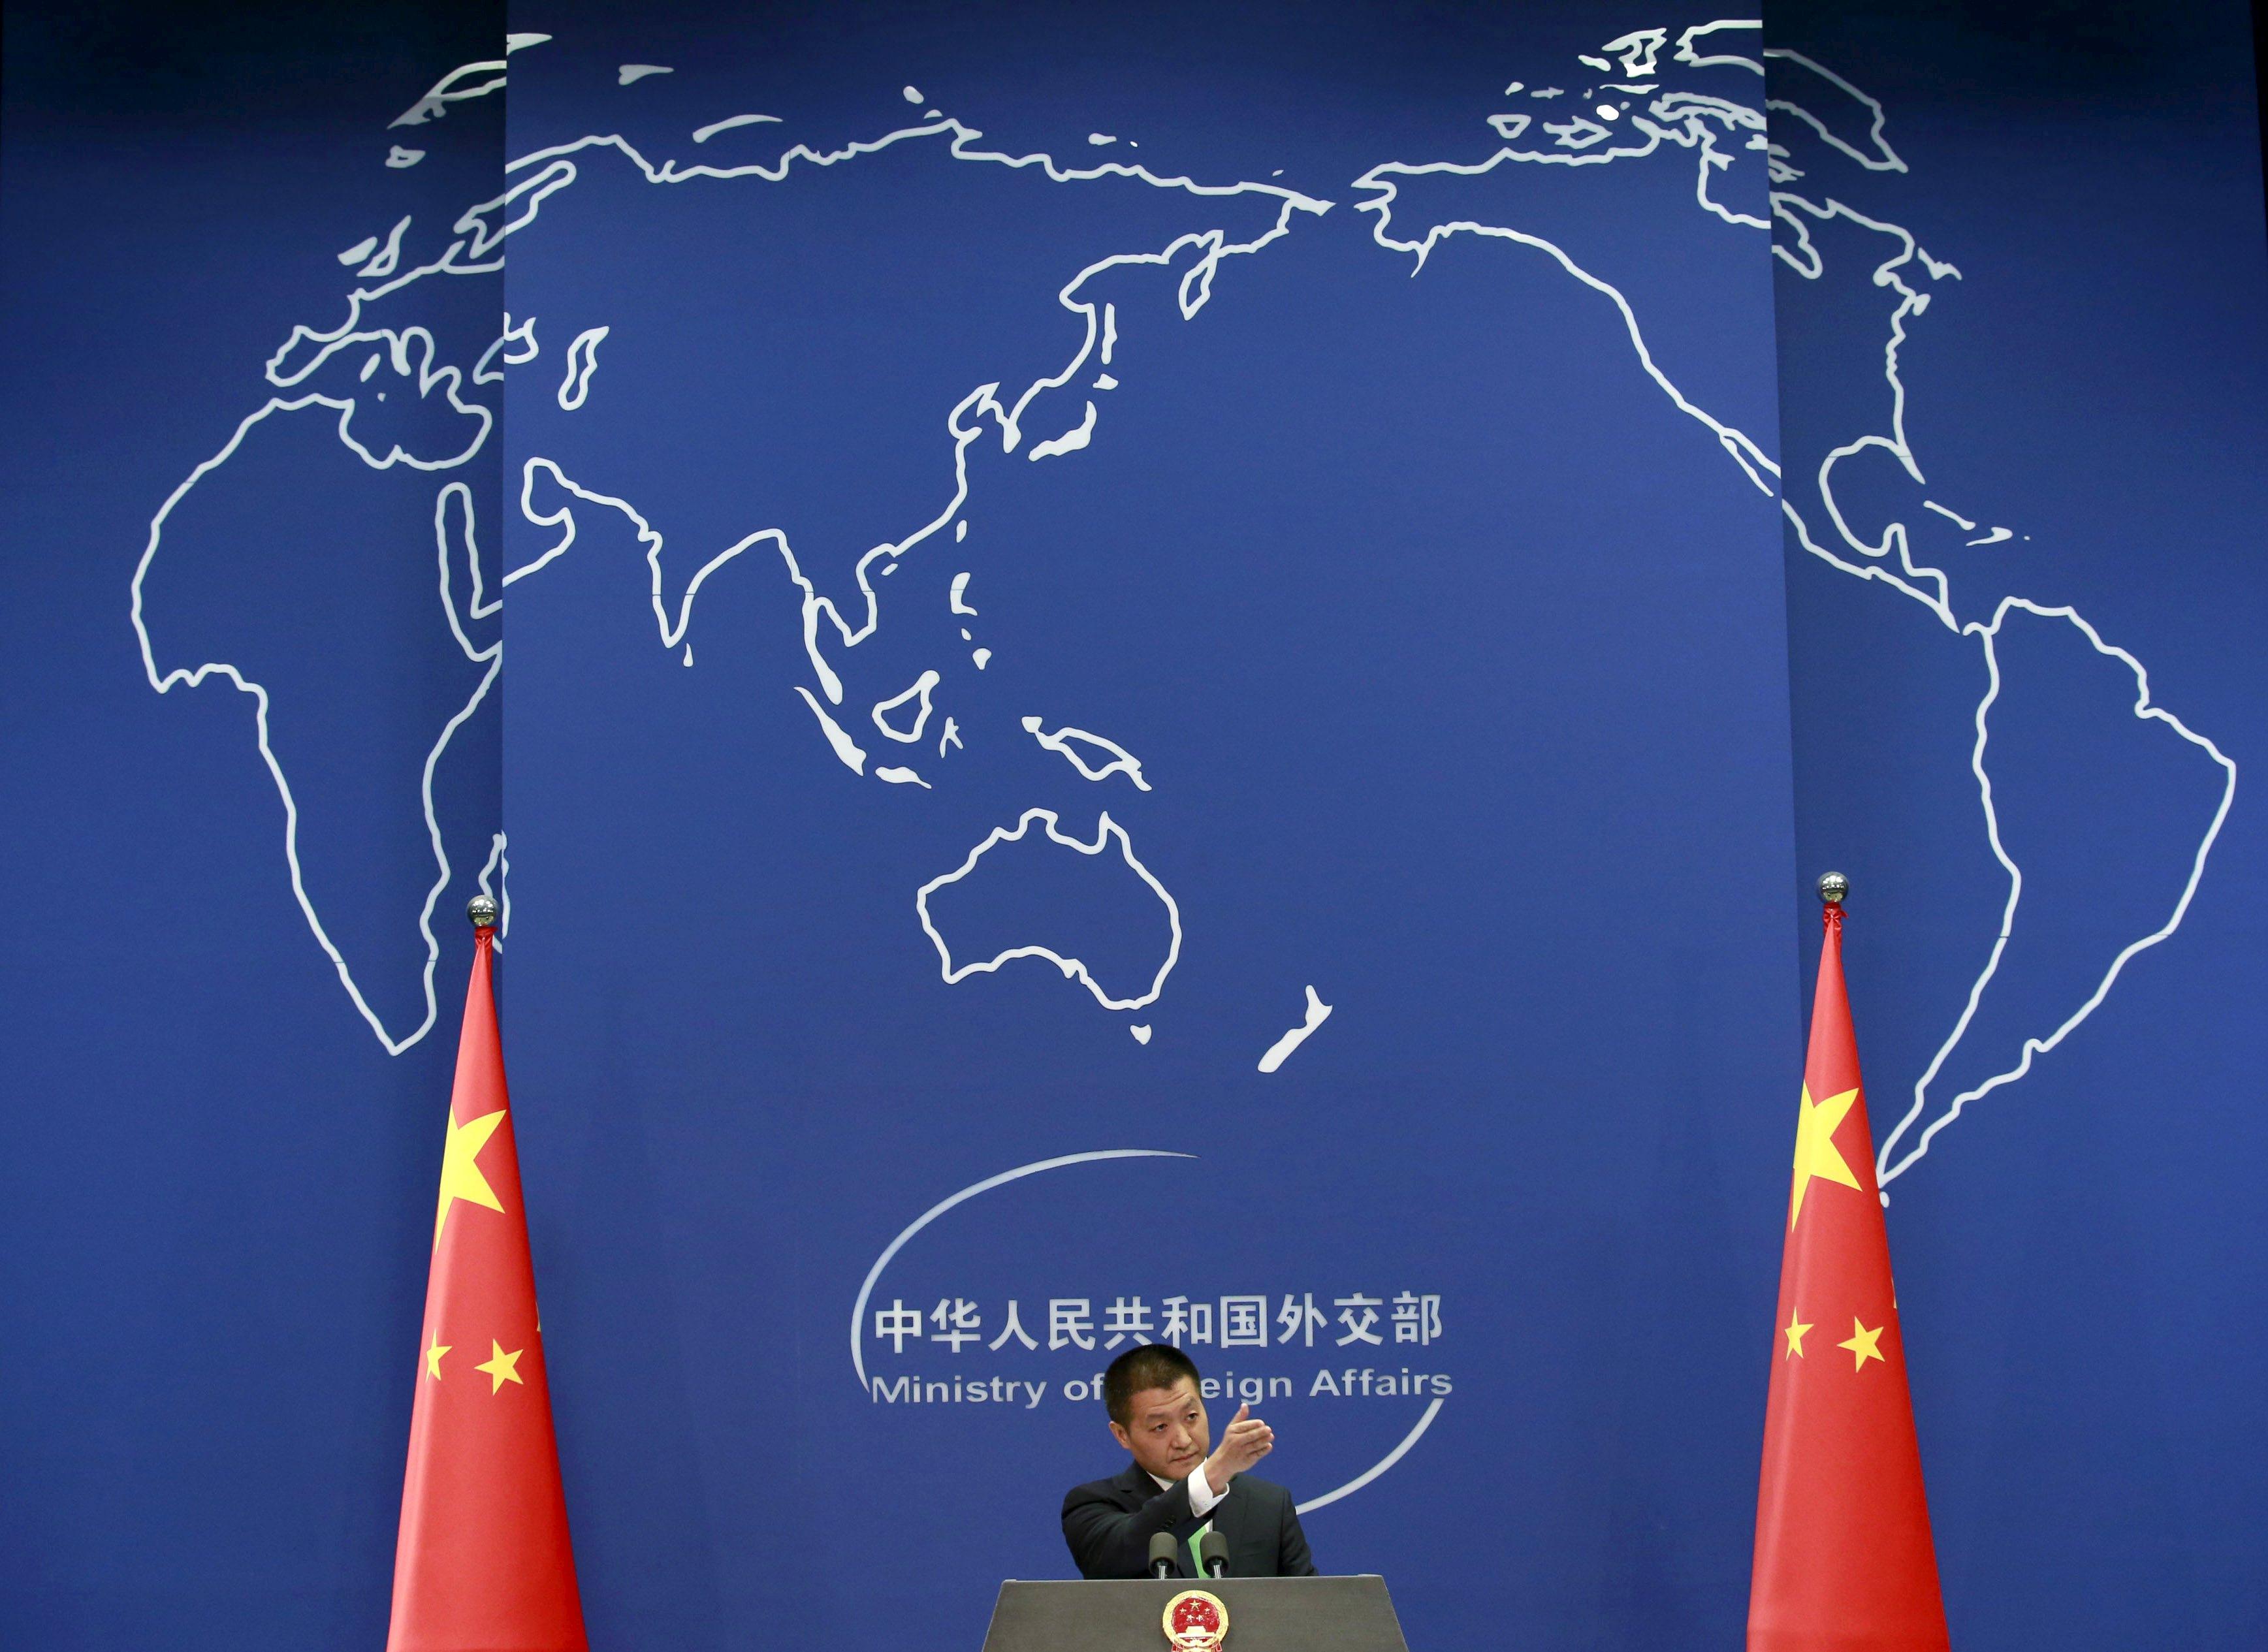 Juru bicara Kementerian Luar Negeri Tiongkok Lu Kang mempersilahkan seorang wartawan untuk memberikan pertanyaan di konferensi pers di Beijing, Selasa (27/10). Angkatan Laut Amerika Serikat mengirimkan kapal perusak dekat dengan pulau buatan Tiongkok di wilayah sengketa Laut Cina Selatan pada hari Selasa (27/10), menyebabkan munculnya kemarahan dari Tiongkok, menyatakan bahwa mereka memperingati dan mengikuti kapal Amerika tersebut. REUTERS/Kim Kyung-Hoon.